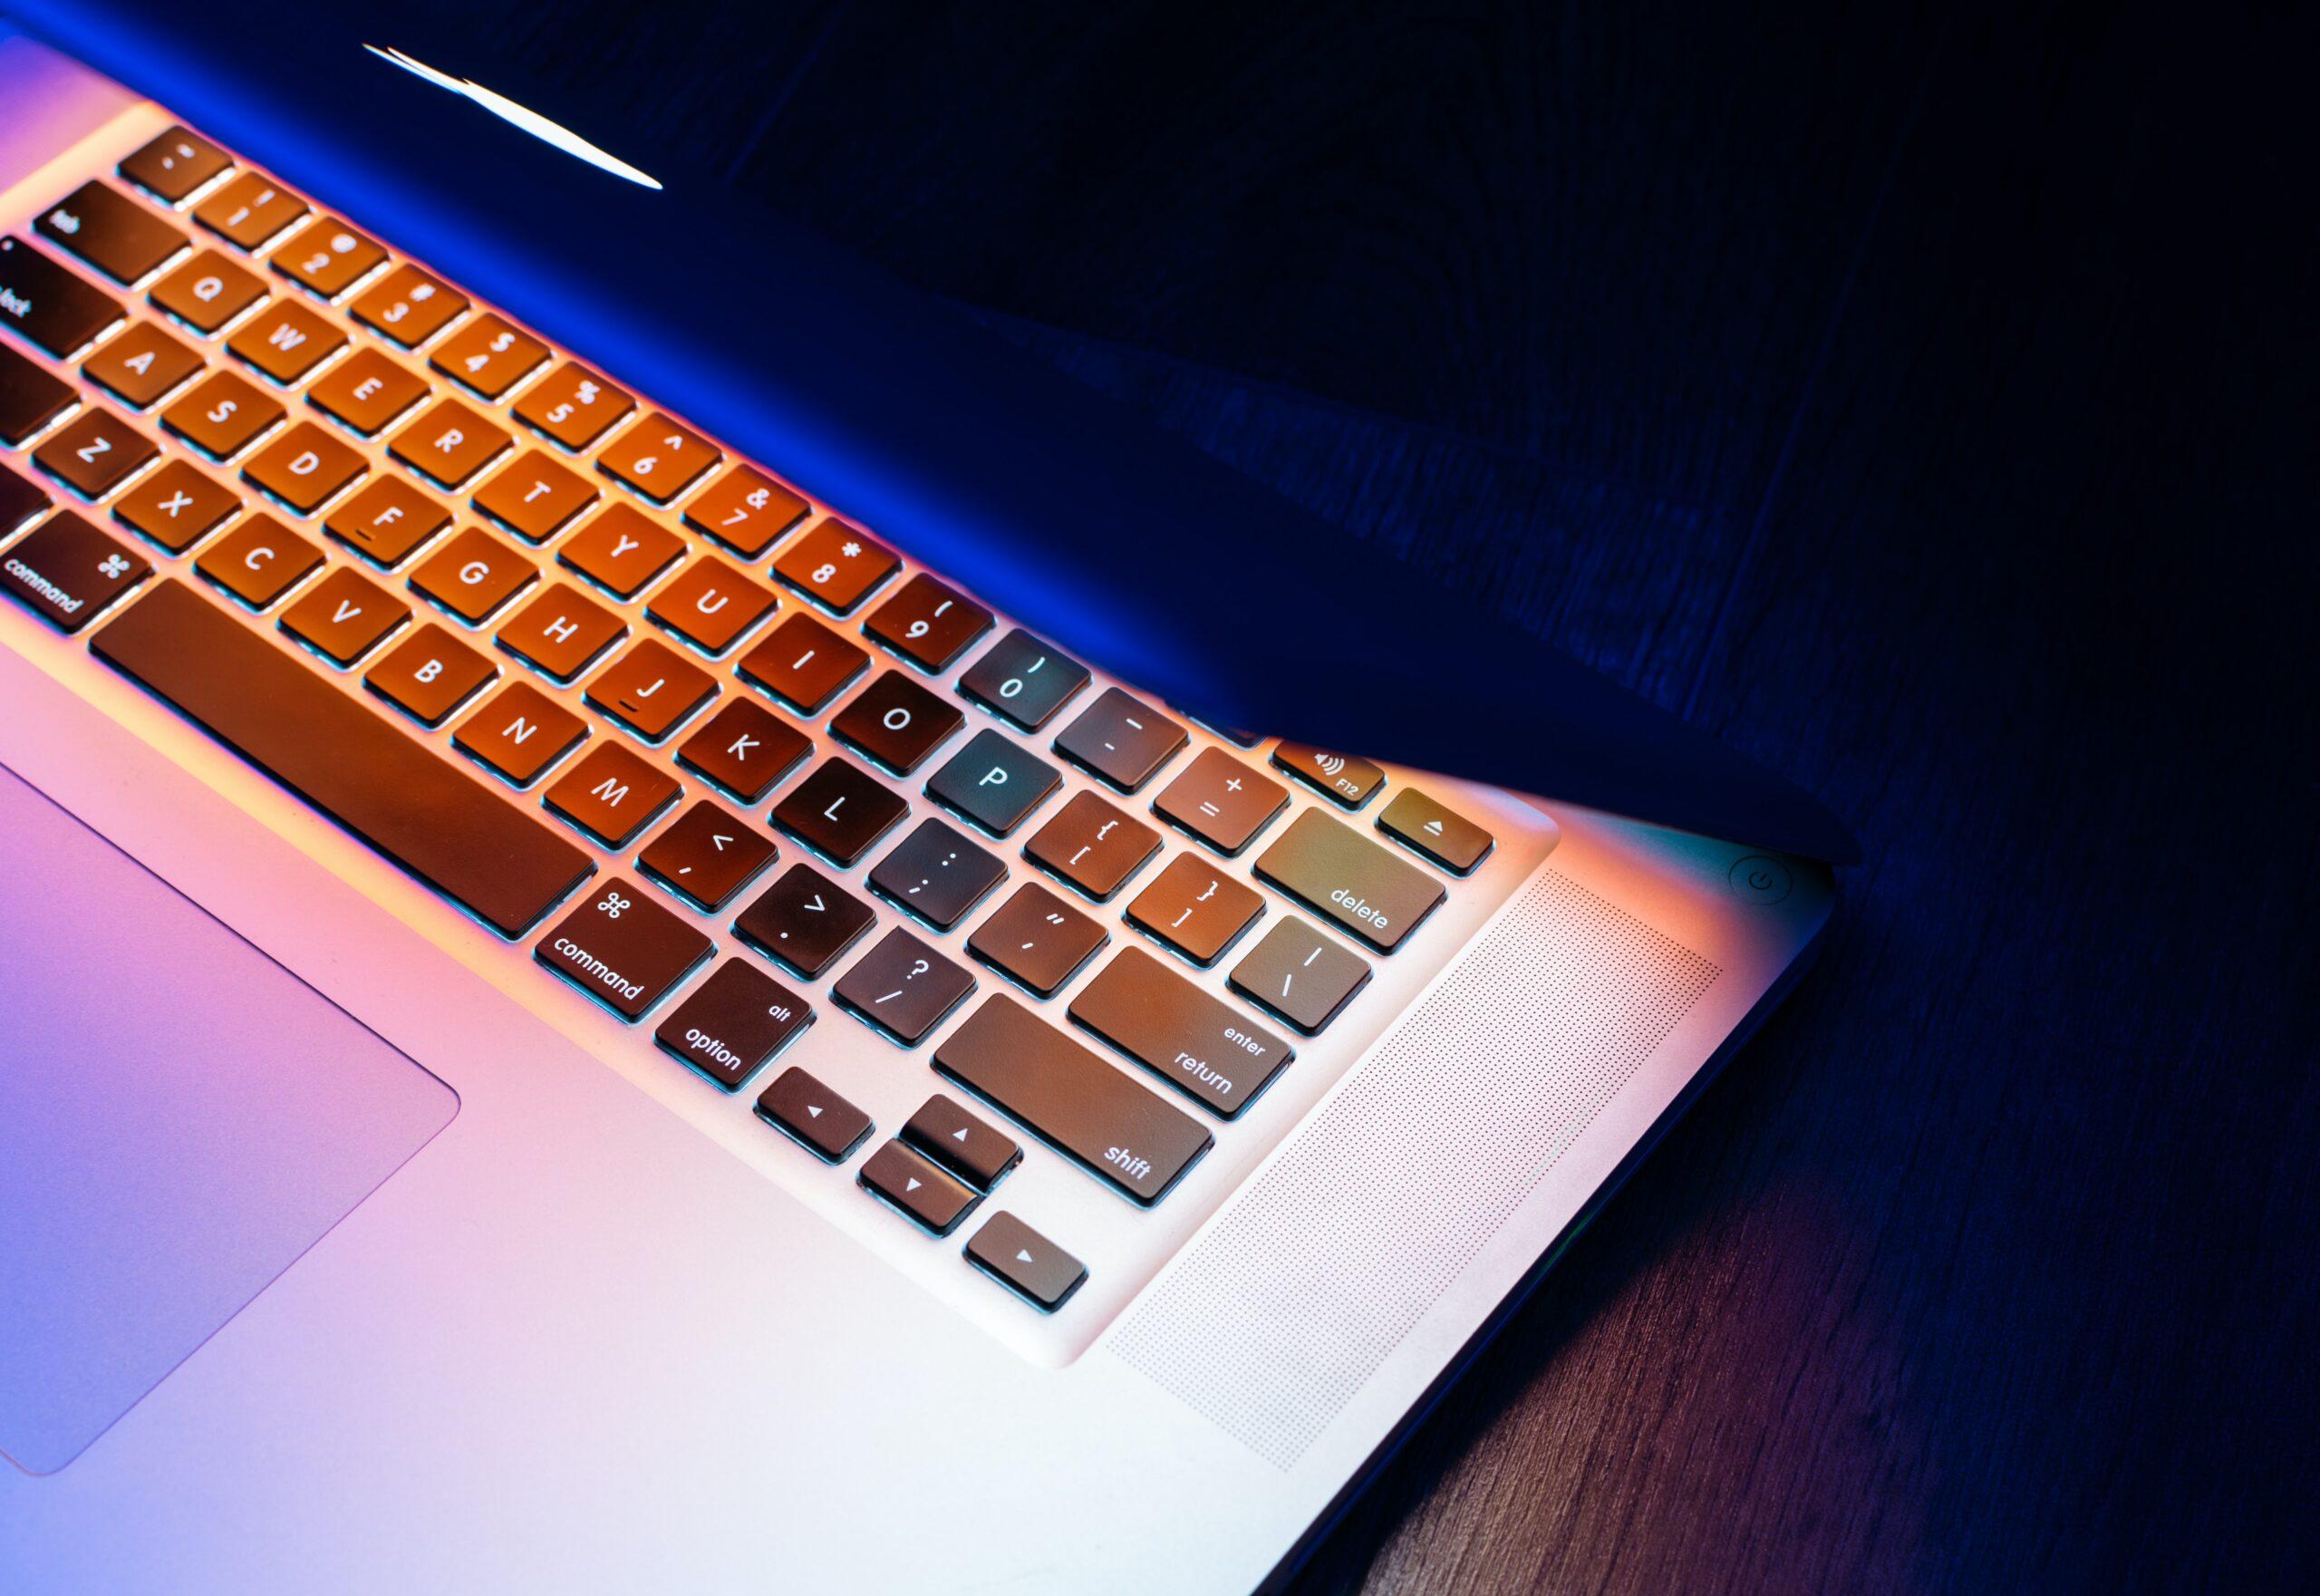 ブラック企業診断サイトを検索